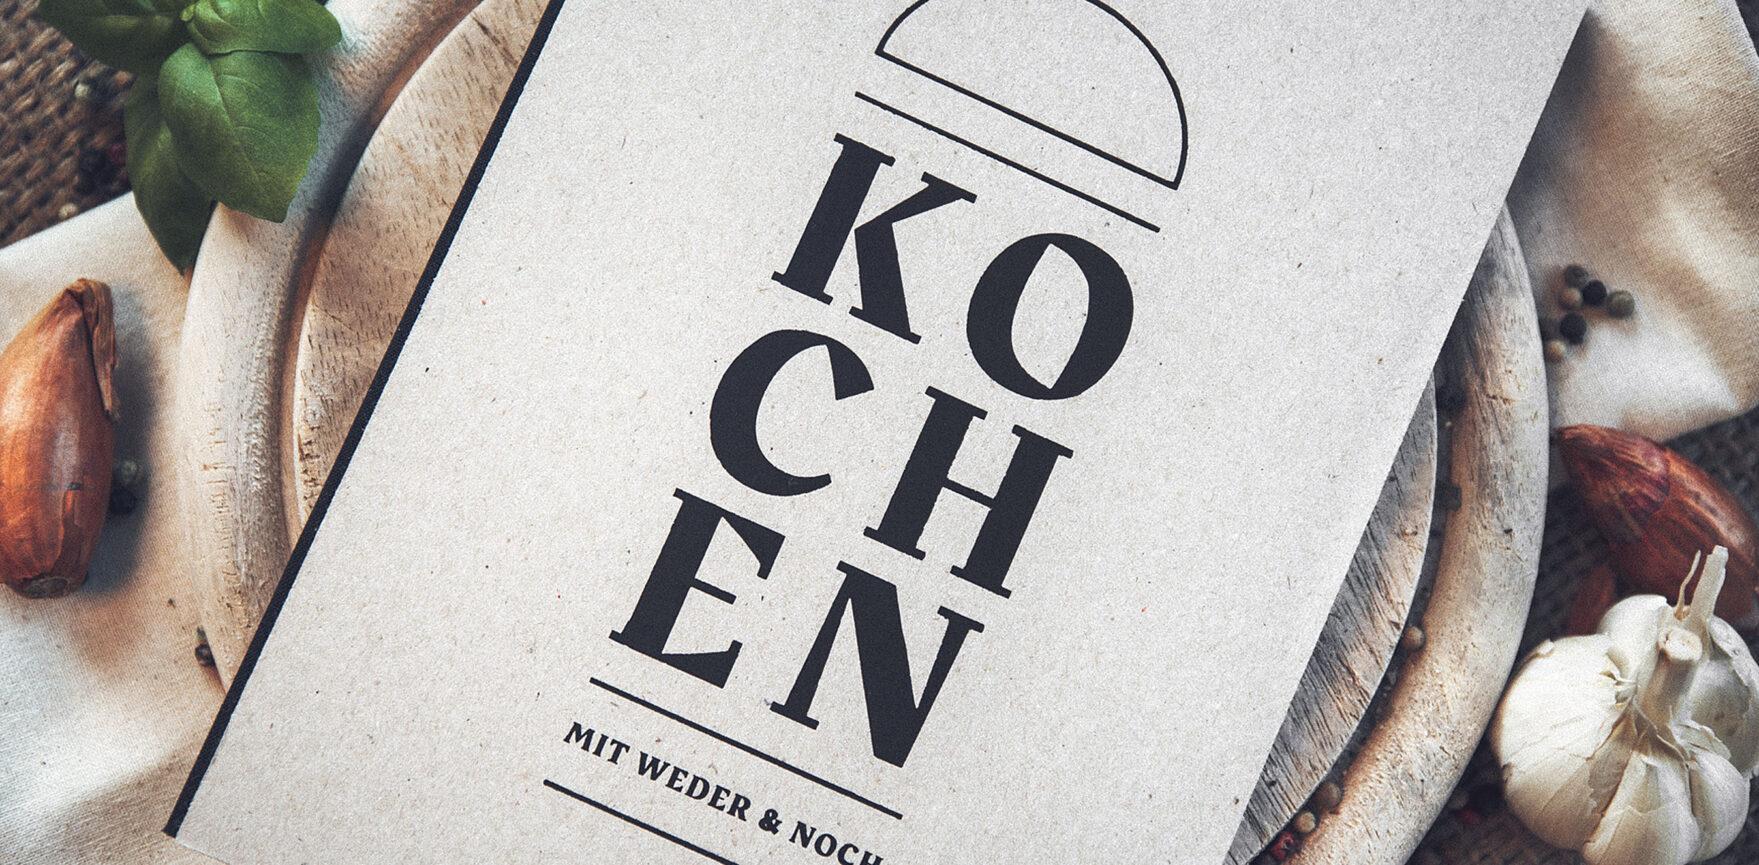 Weder & Noch Kochbuch Titelseite